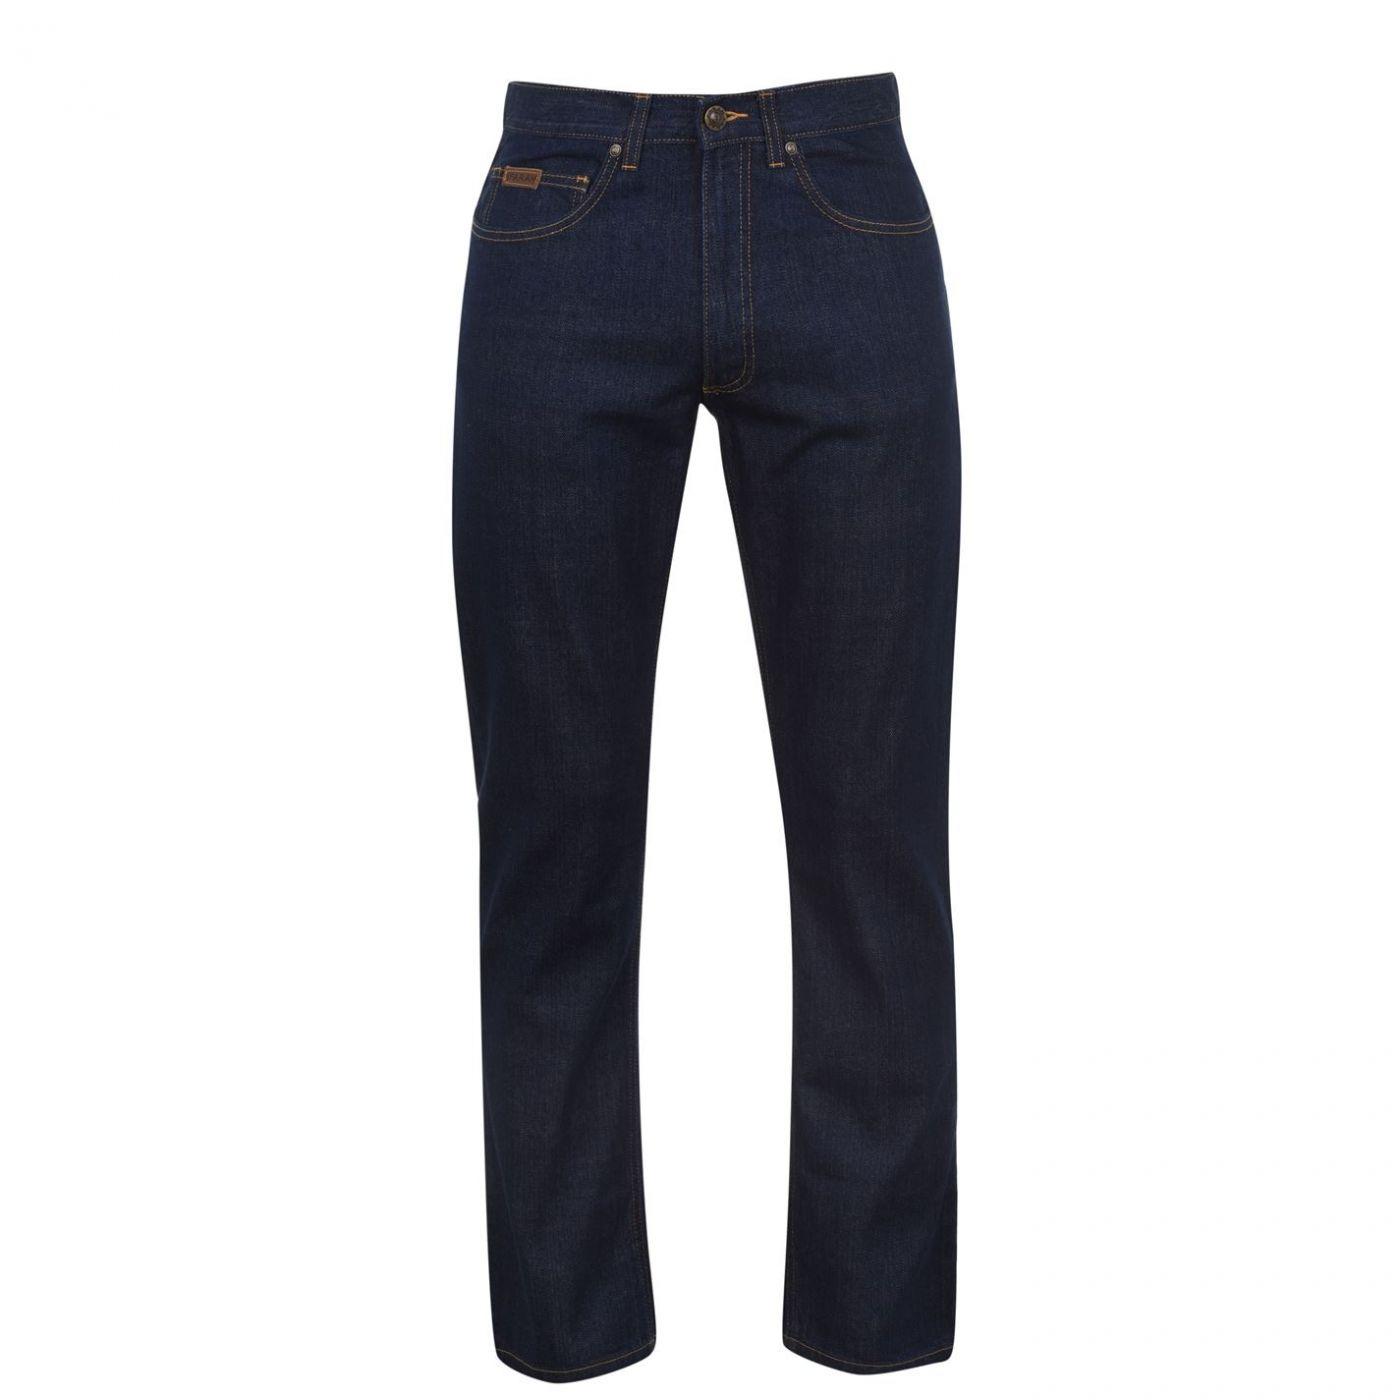 Farah Jeans2 Snr04 BX99